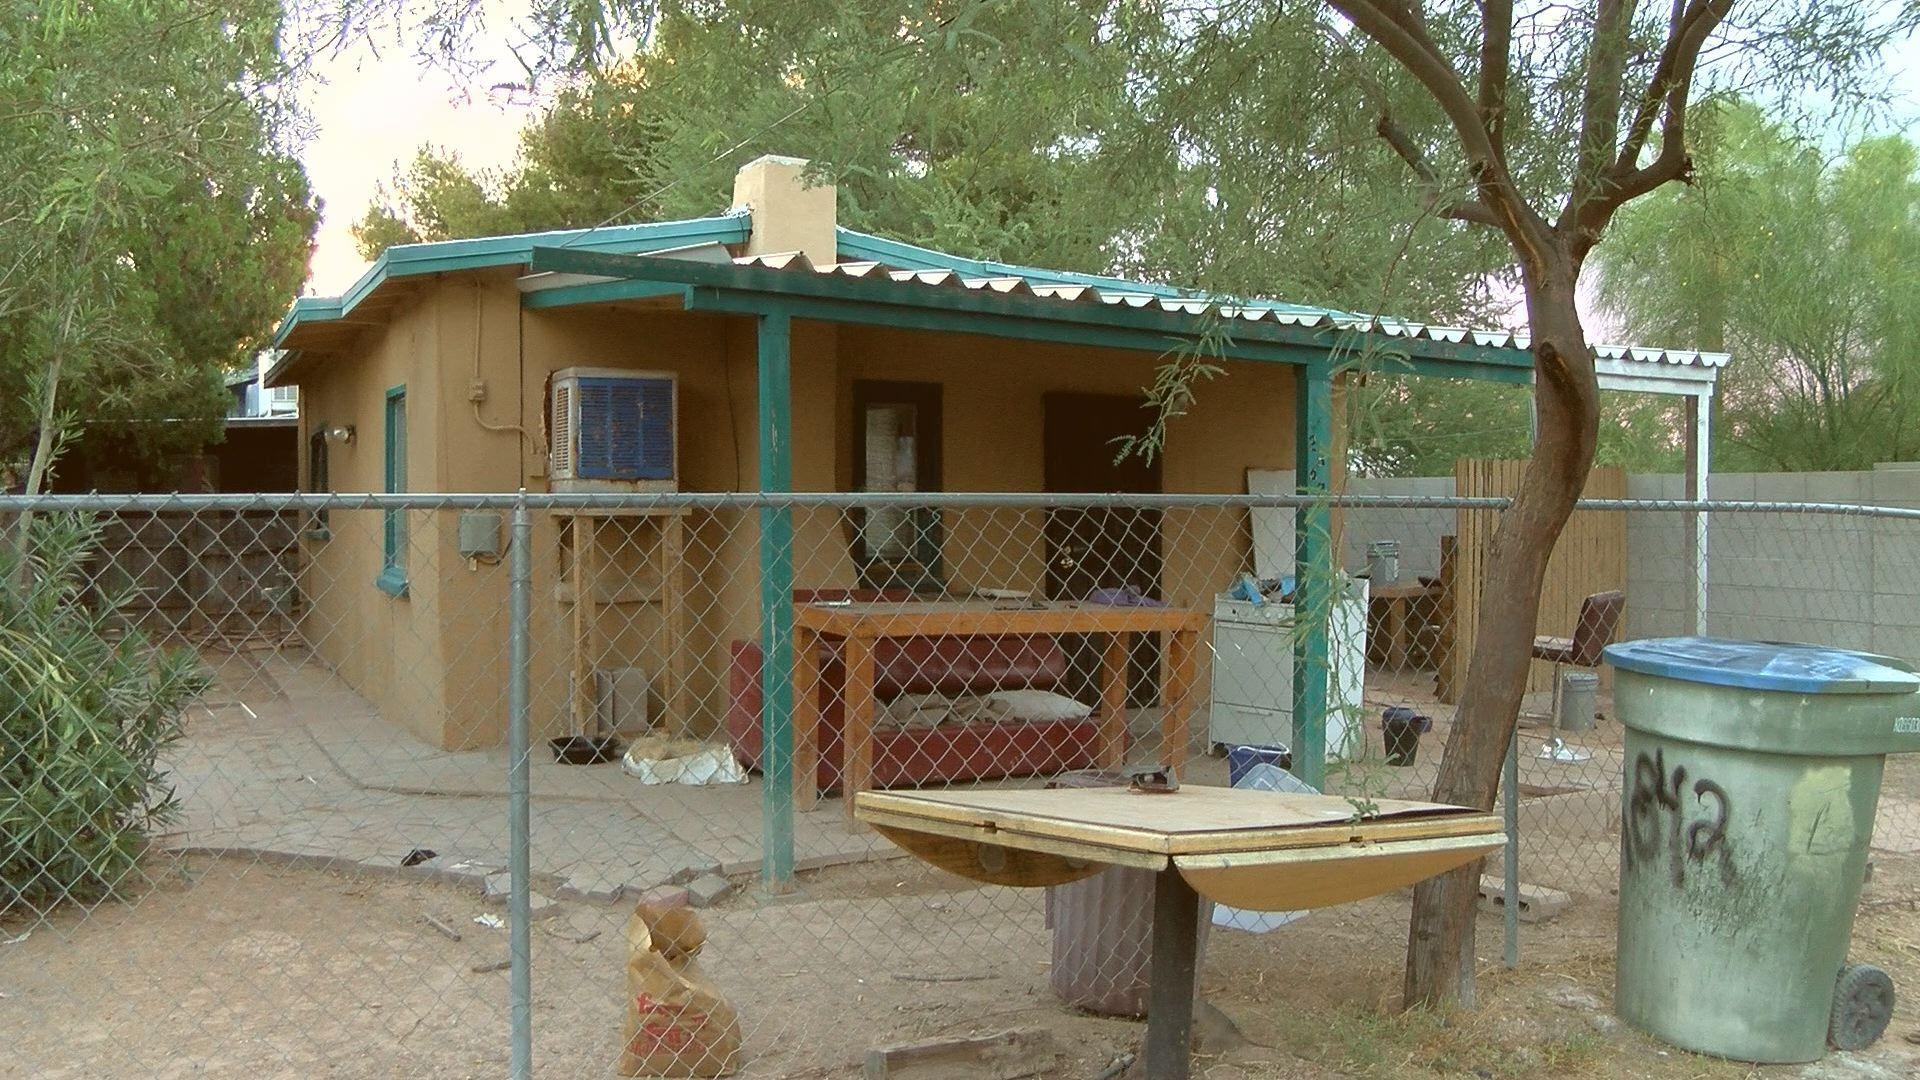 Tucson east side Aminals basically abandoned, animal